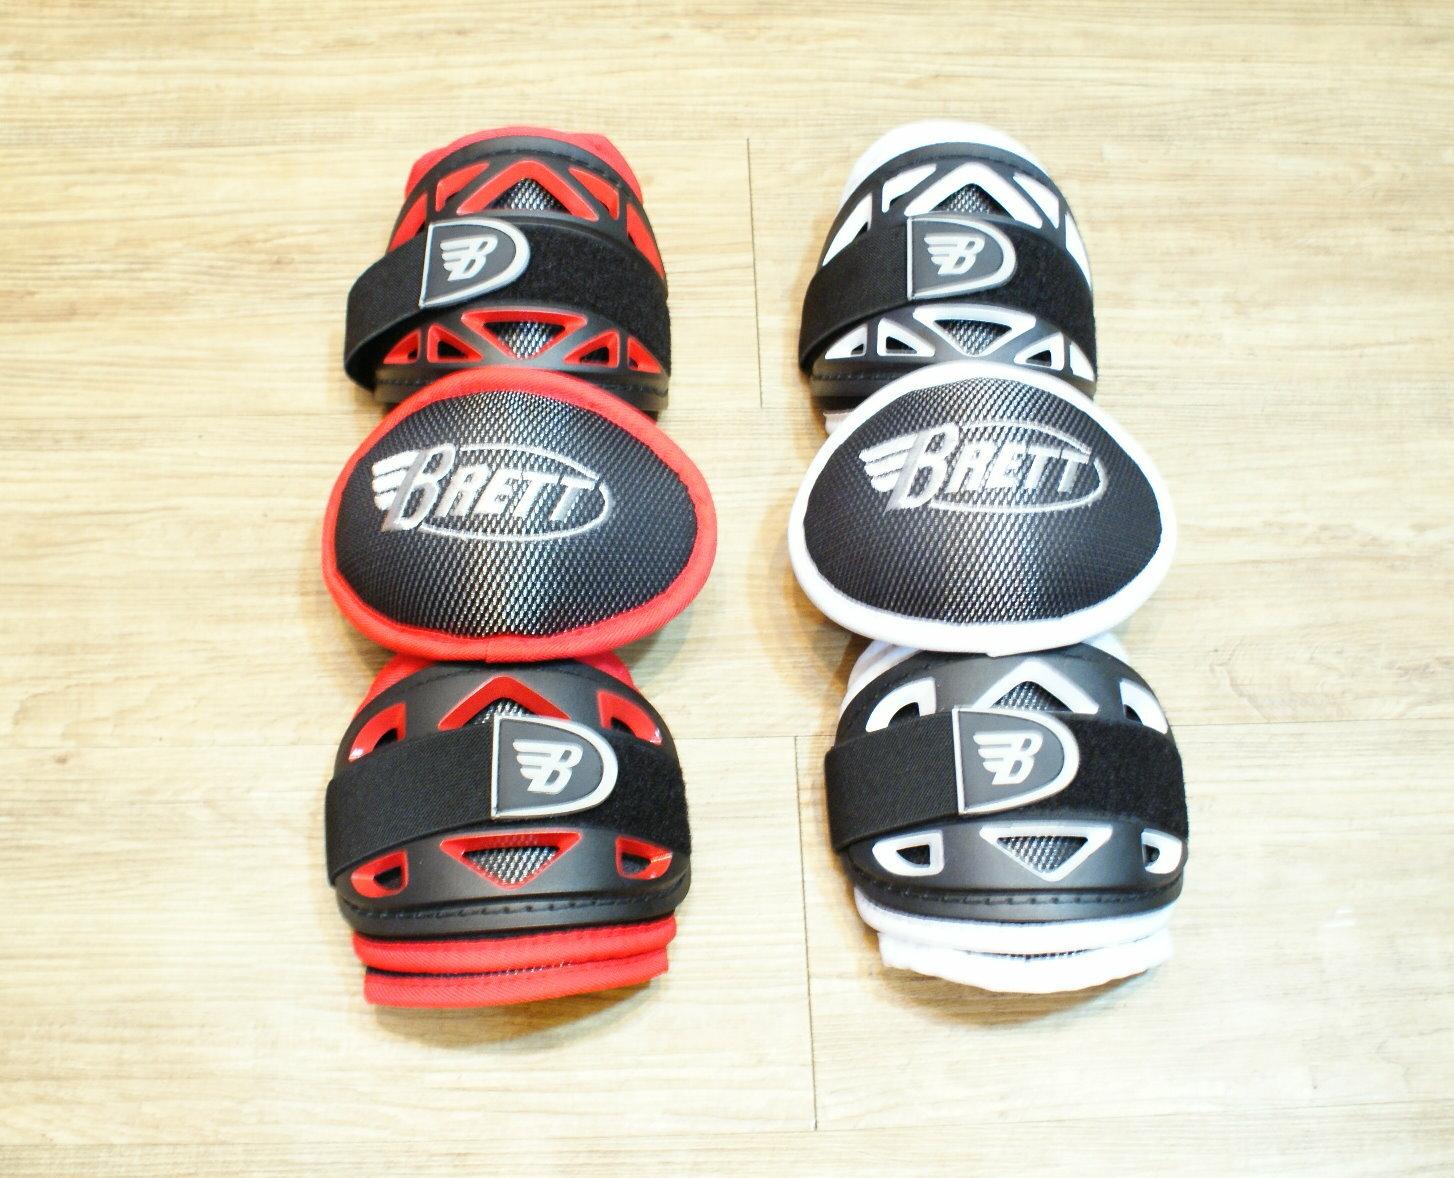 棒球世界 BRETT布瑞特職業用全覆式打擊護肘 特價